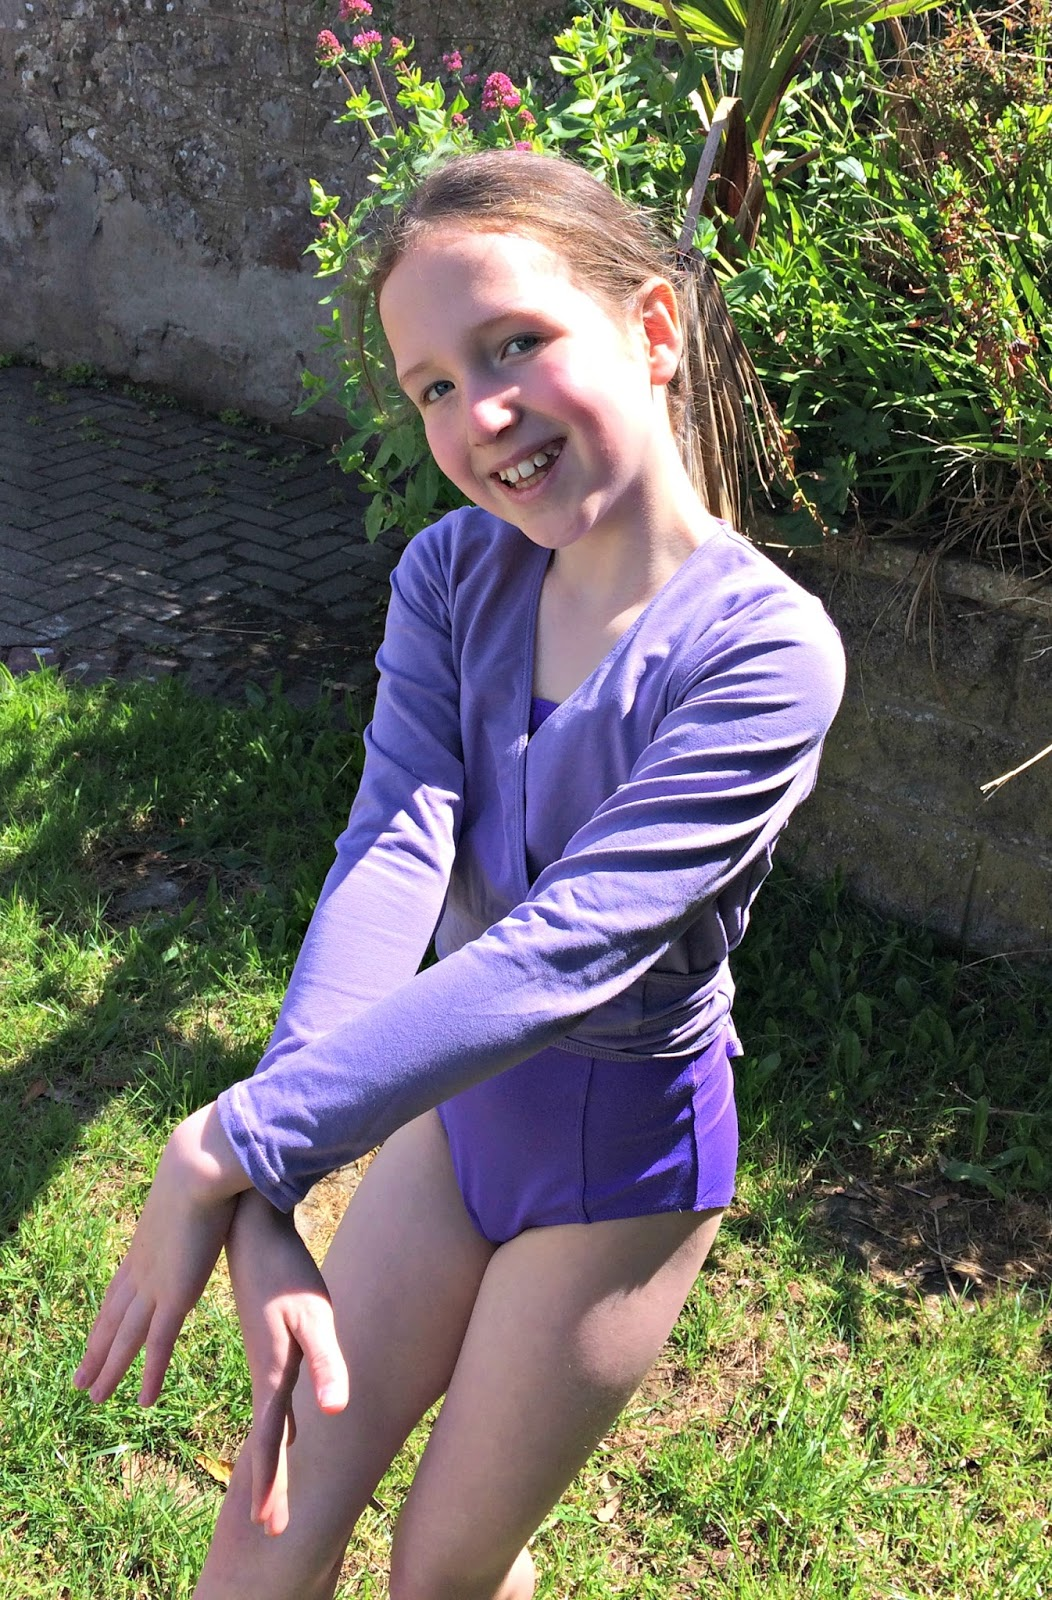 Caitlin practising ballet in the garden